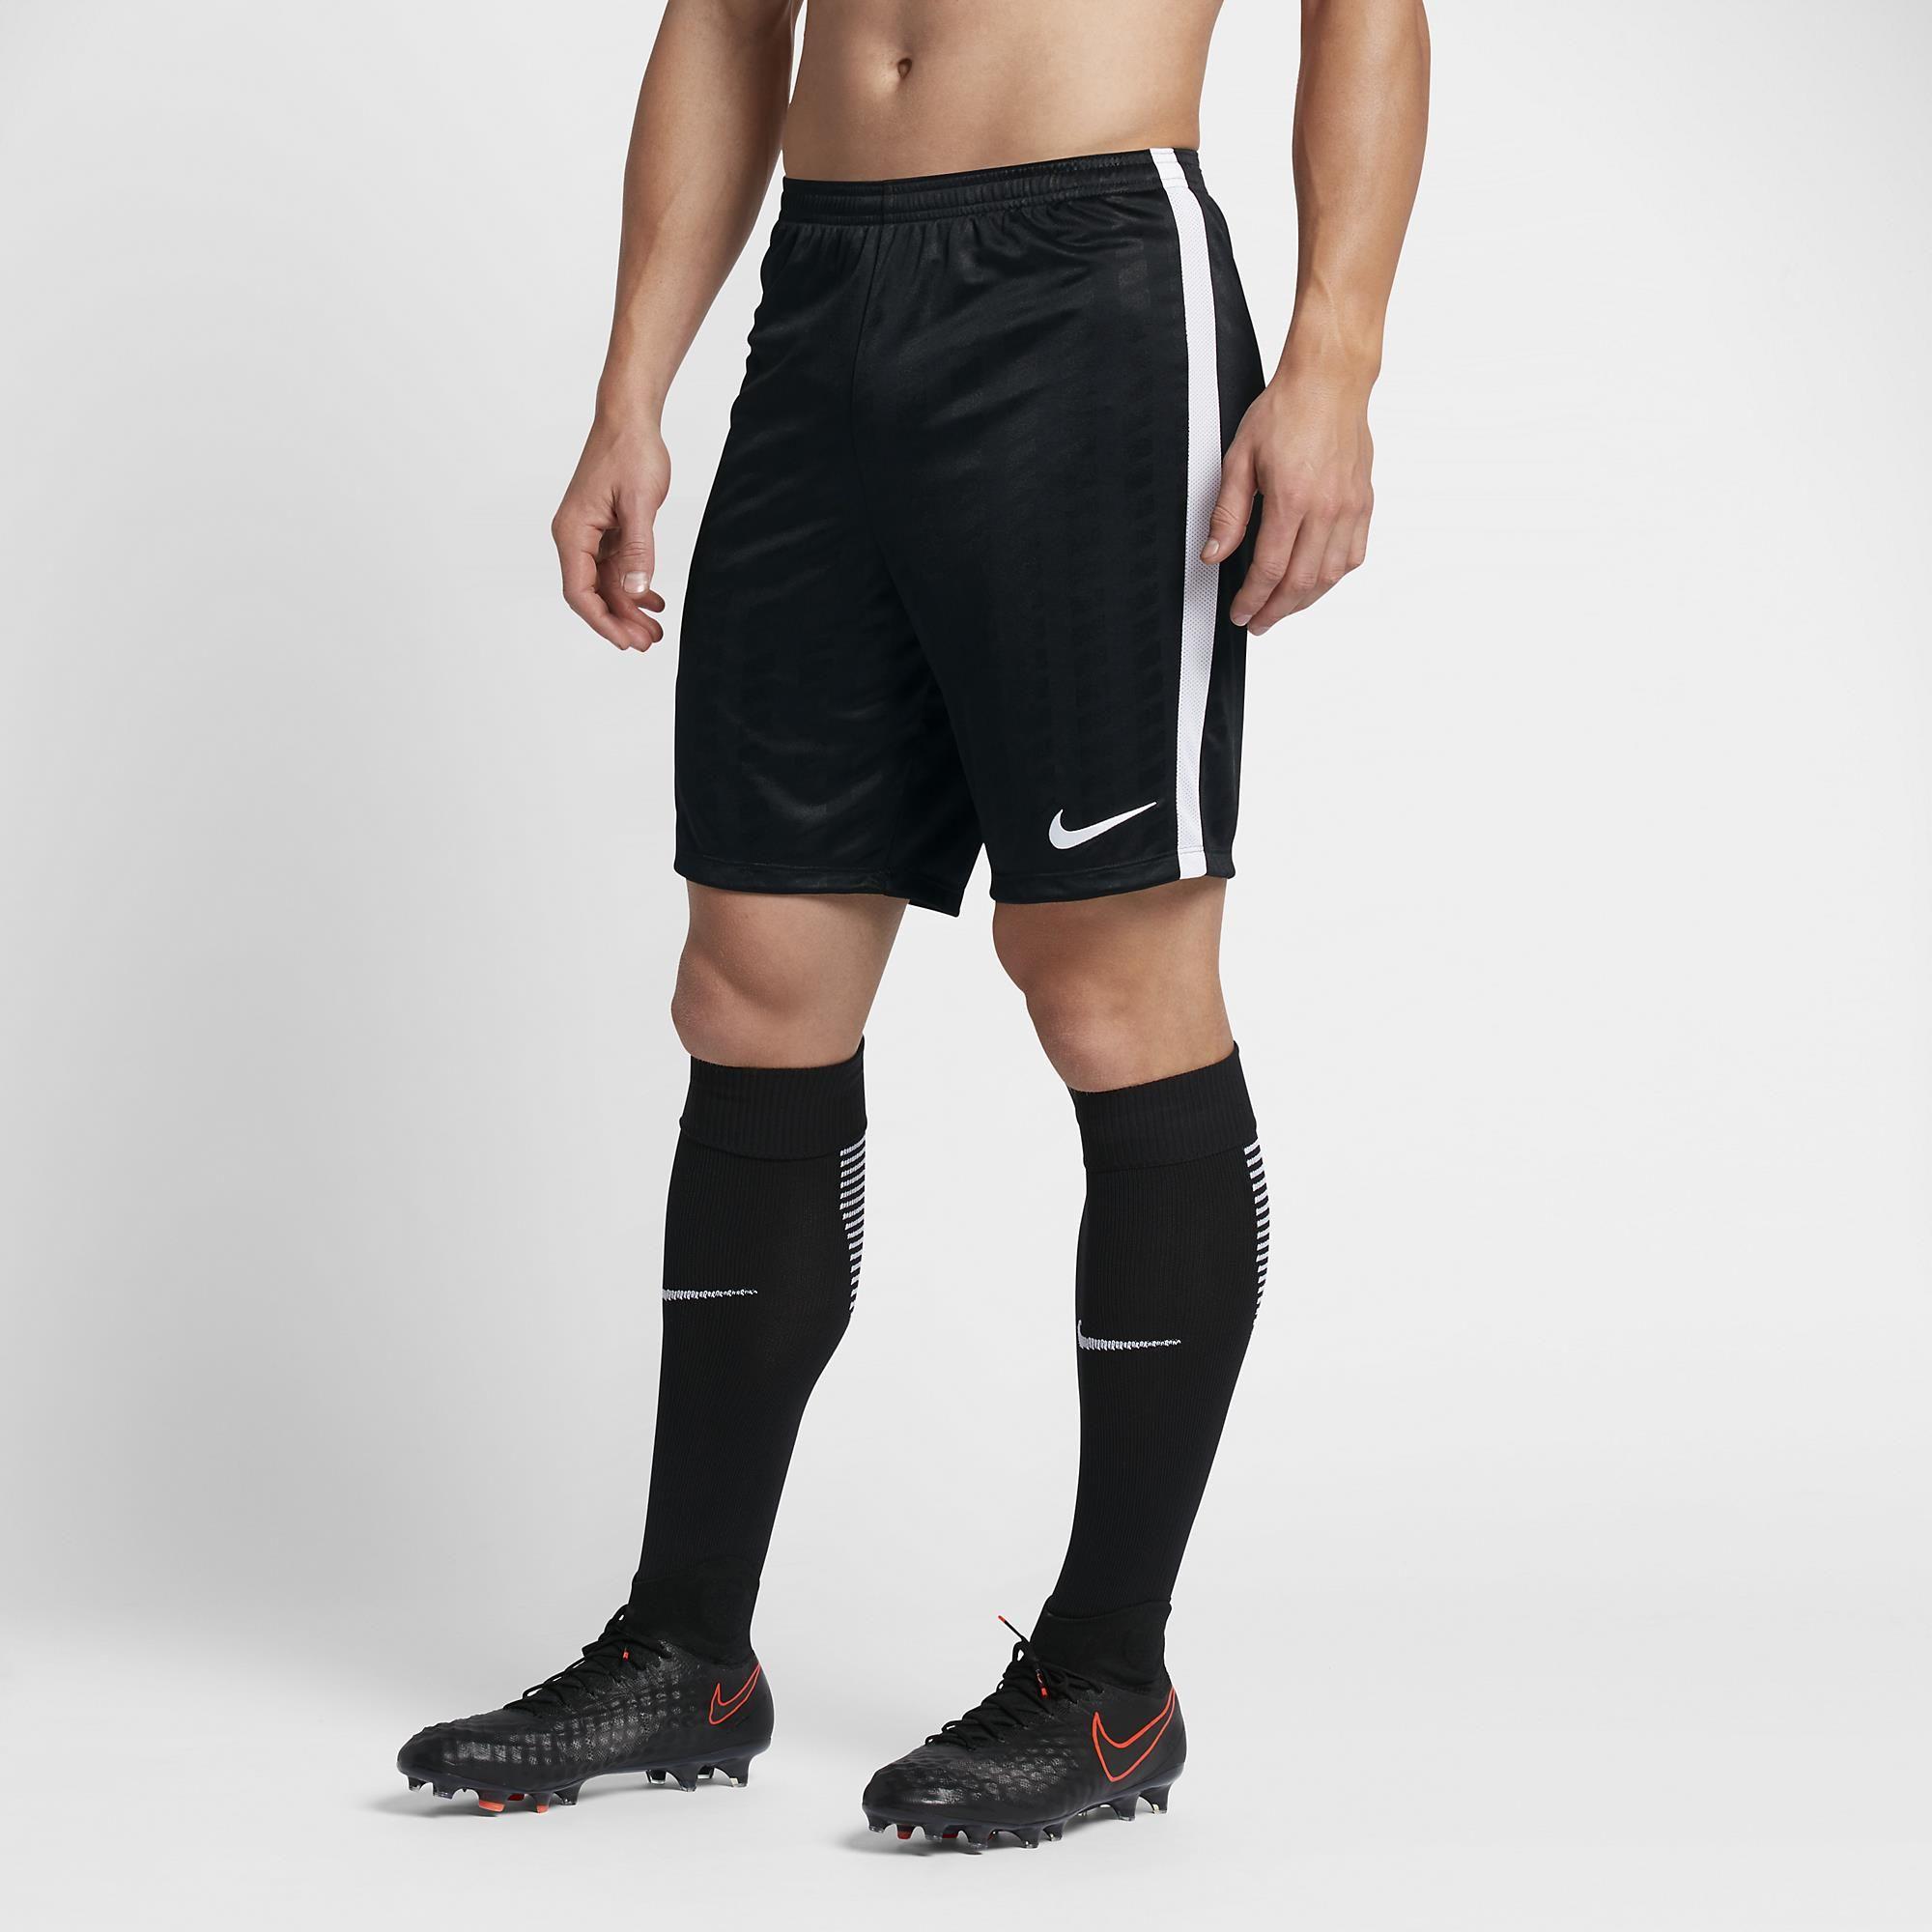 Calção Nike Academy Jacquard Masculino